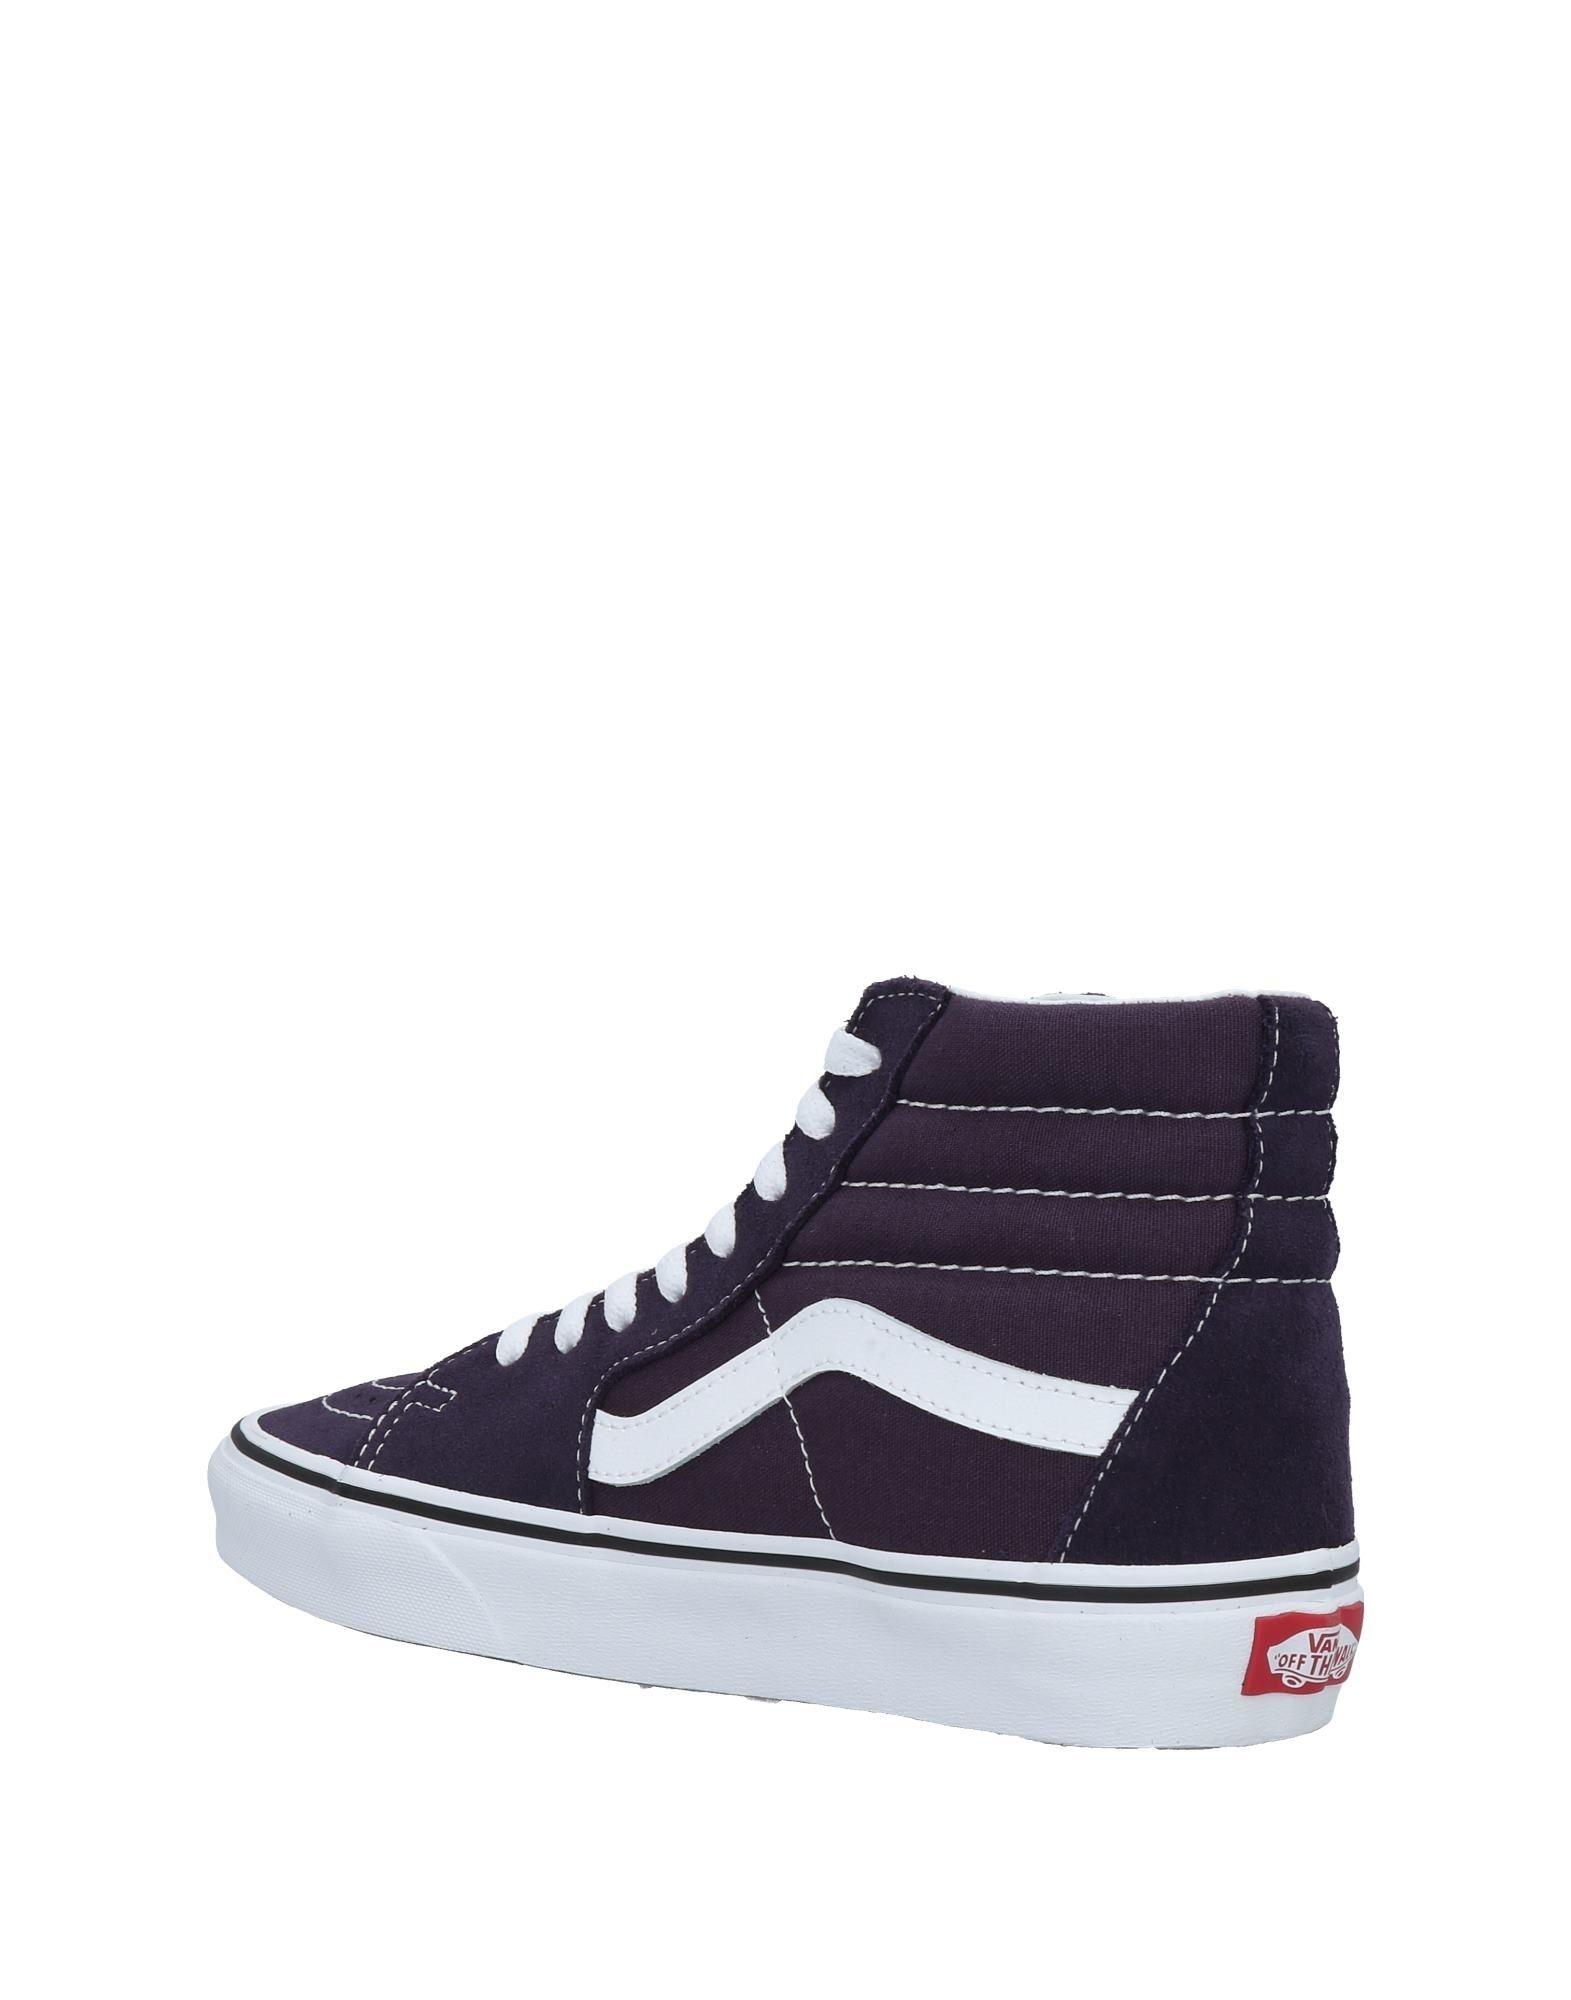 Vans Sneakers Qualität Damen  11492567RG Gute Qualität Sneakers beliebte Schuhe 4bb099